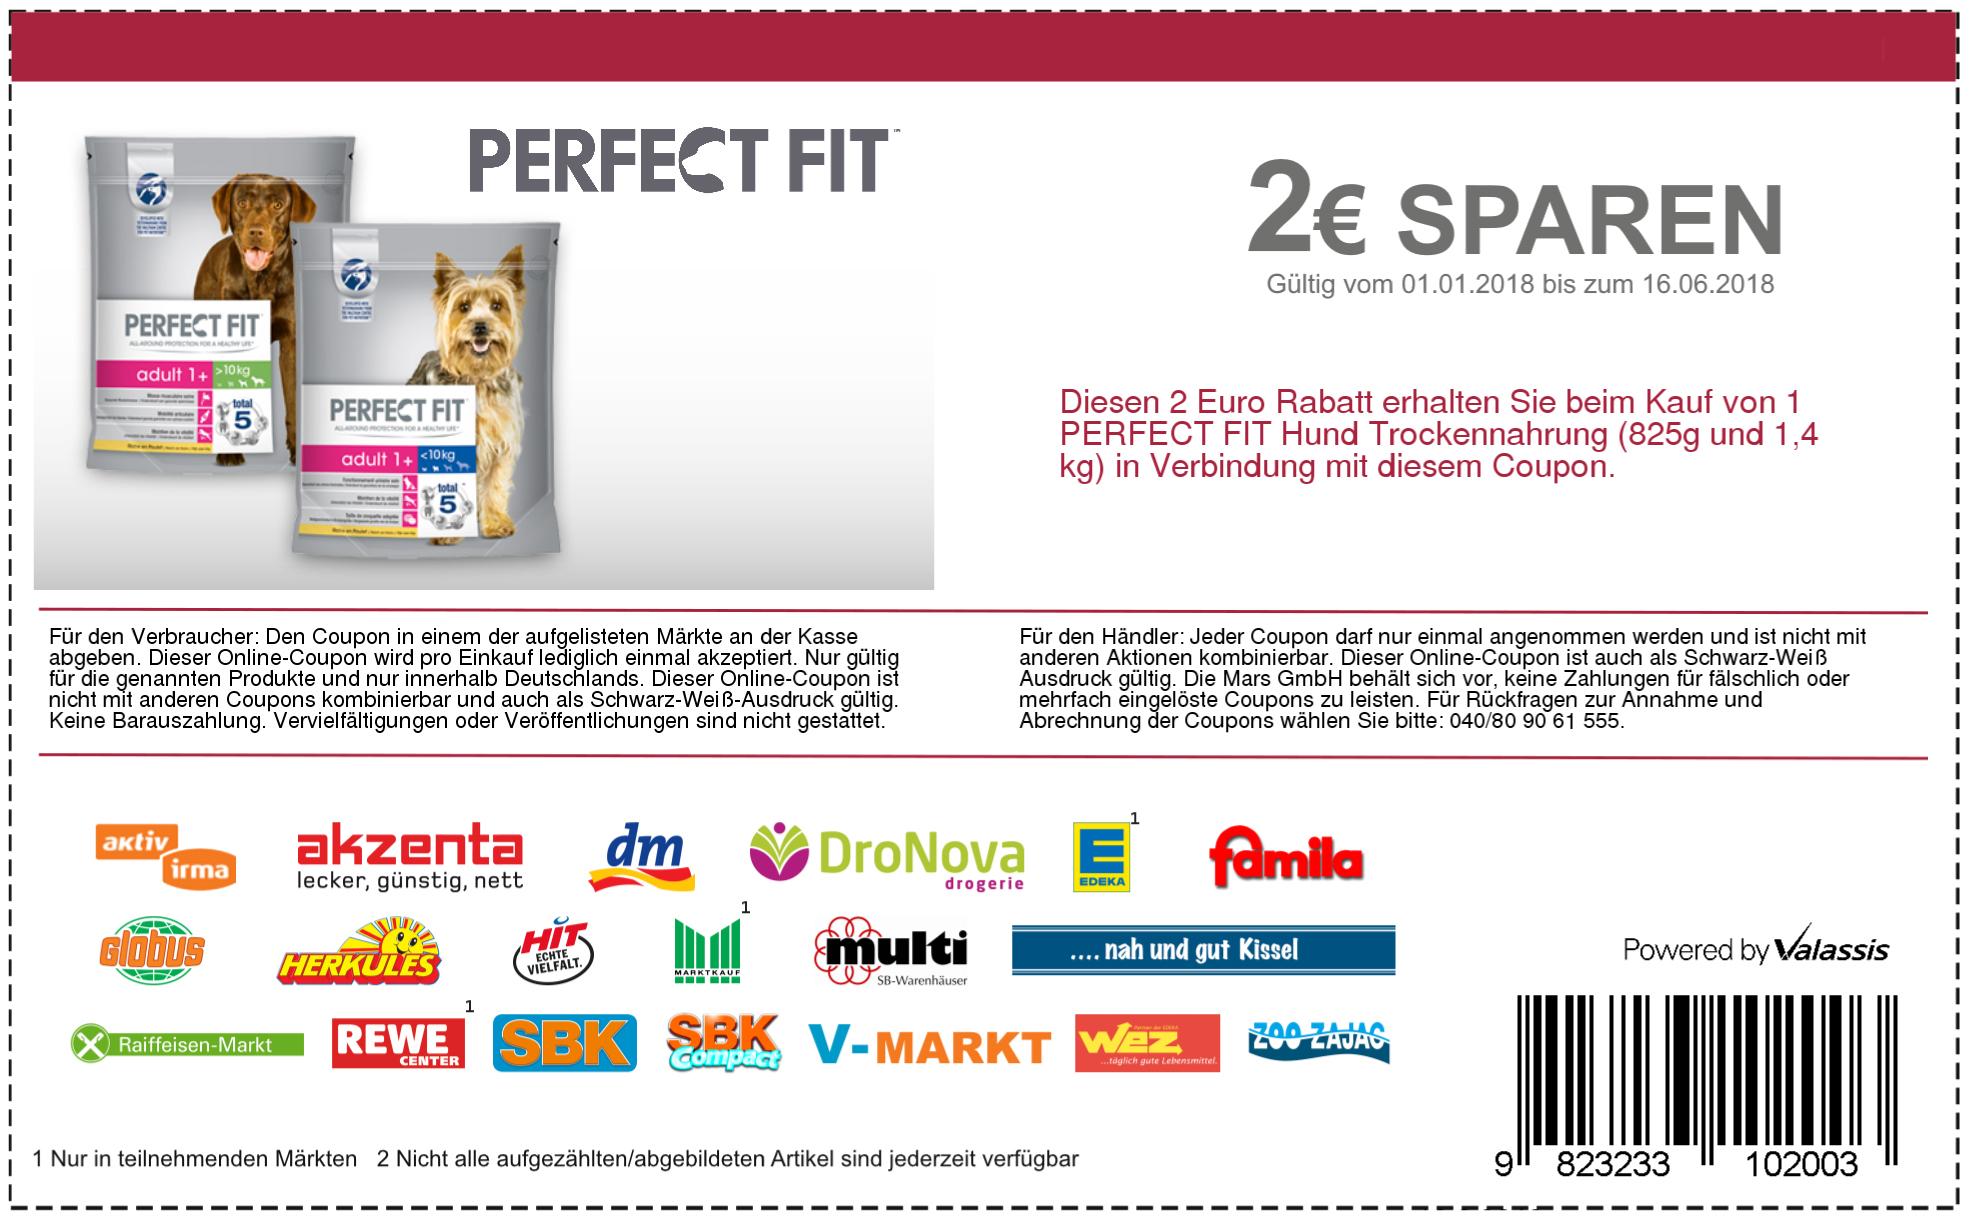 2€ Coupon Rabatt Perfect Fit Hund Trockennahrung (825g und 1,4 kg) für DM, Globus usw.